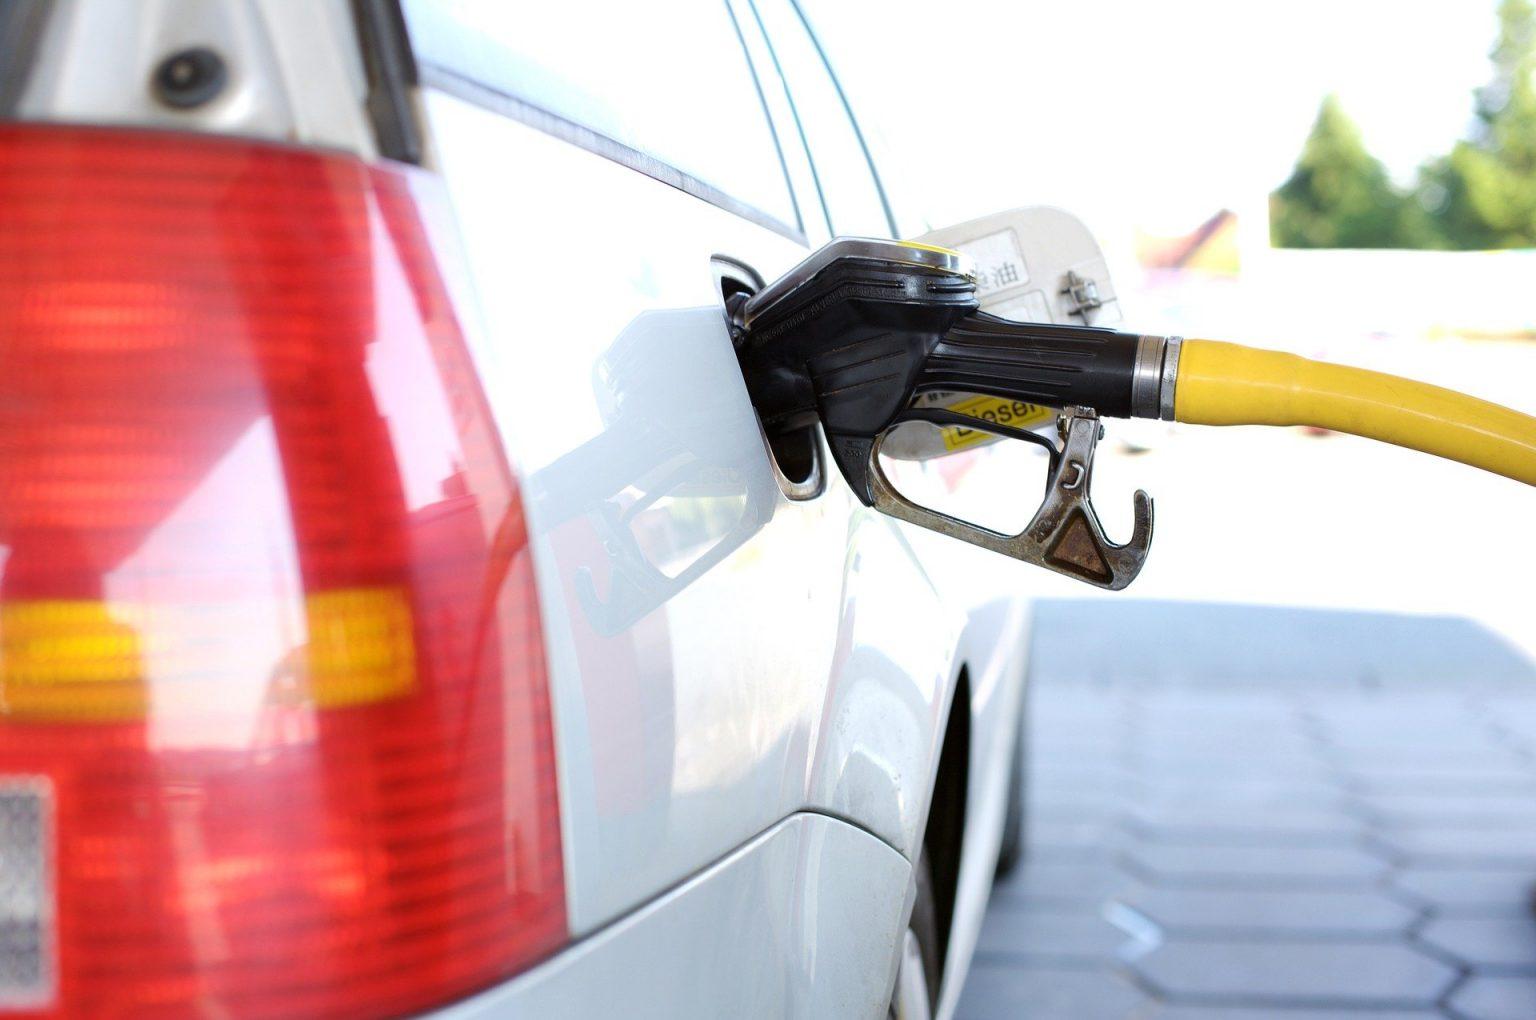 Verkeerde brandstof getankd?